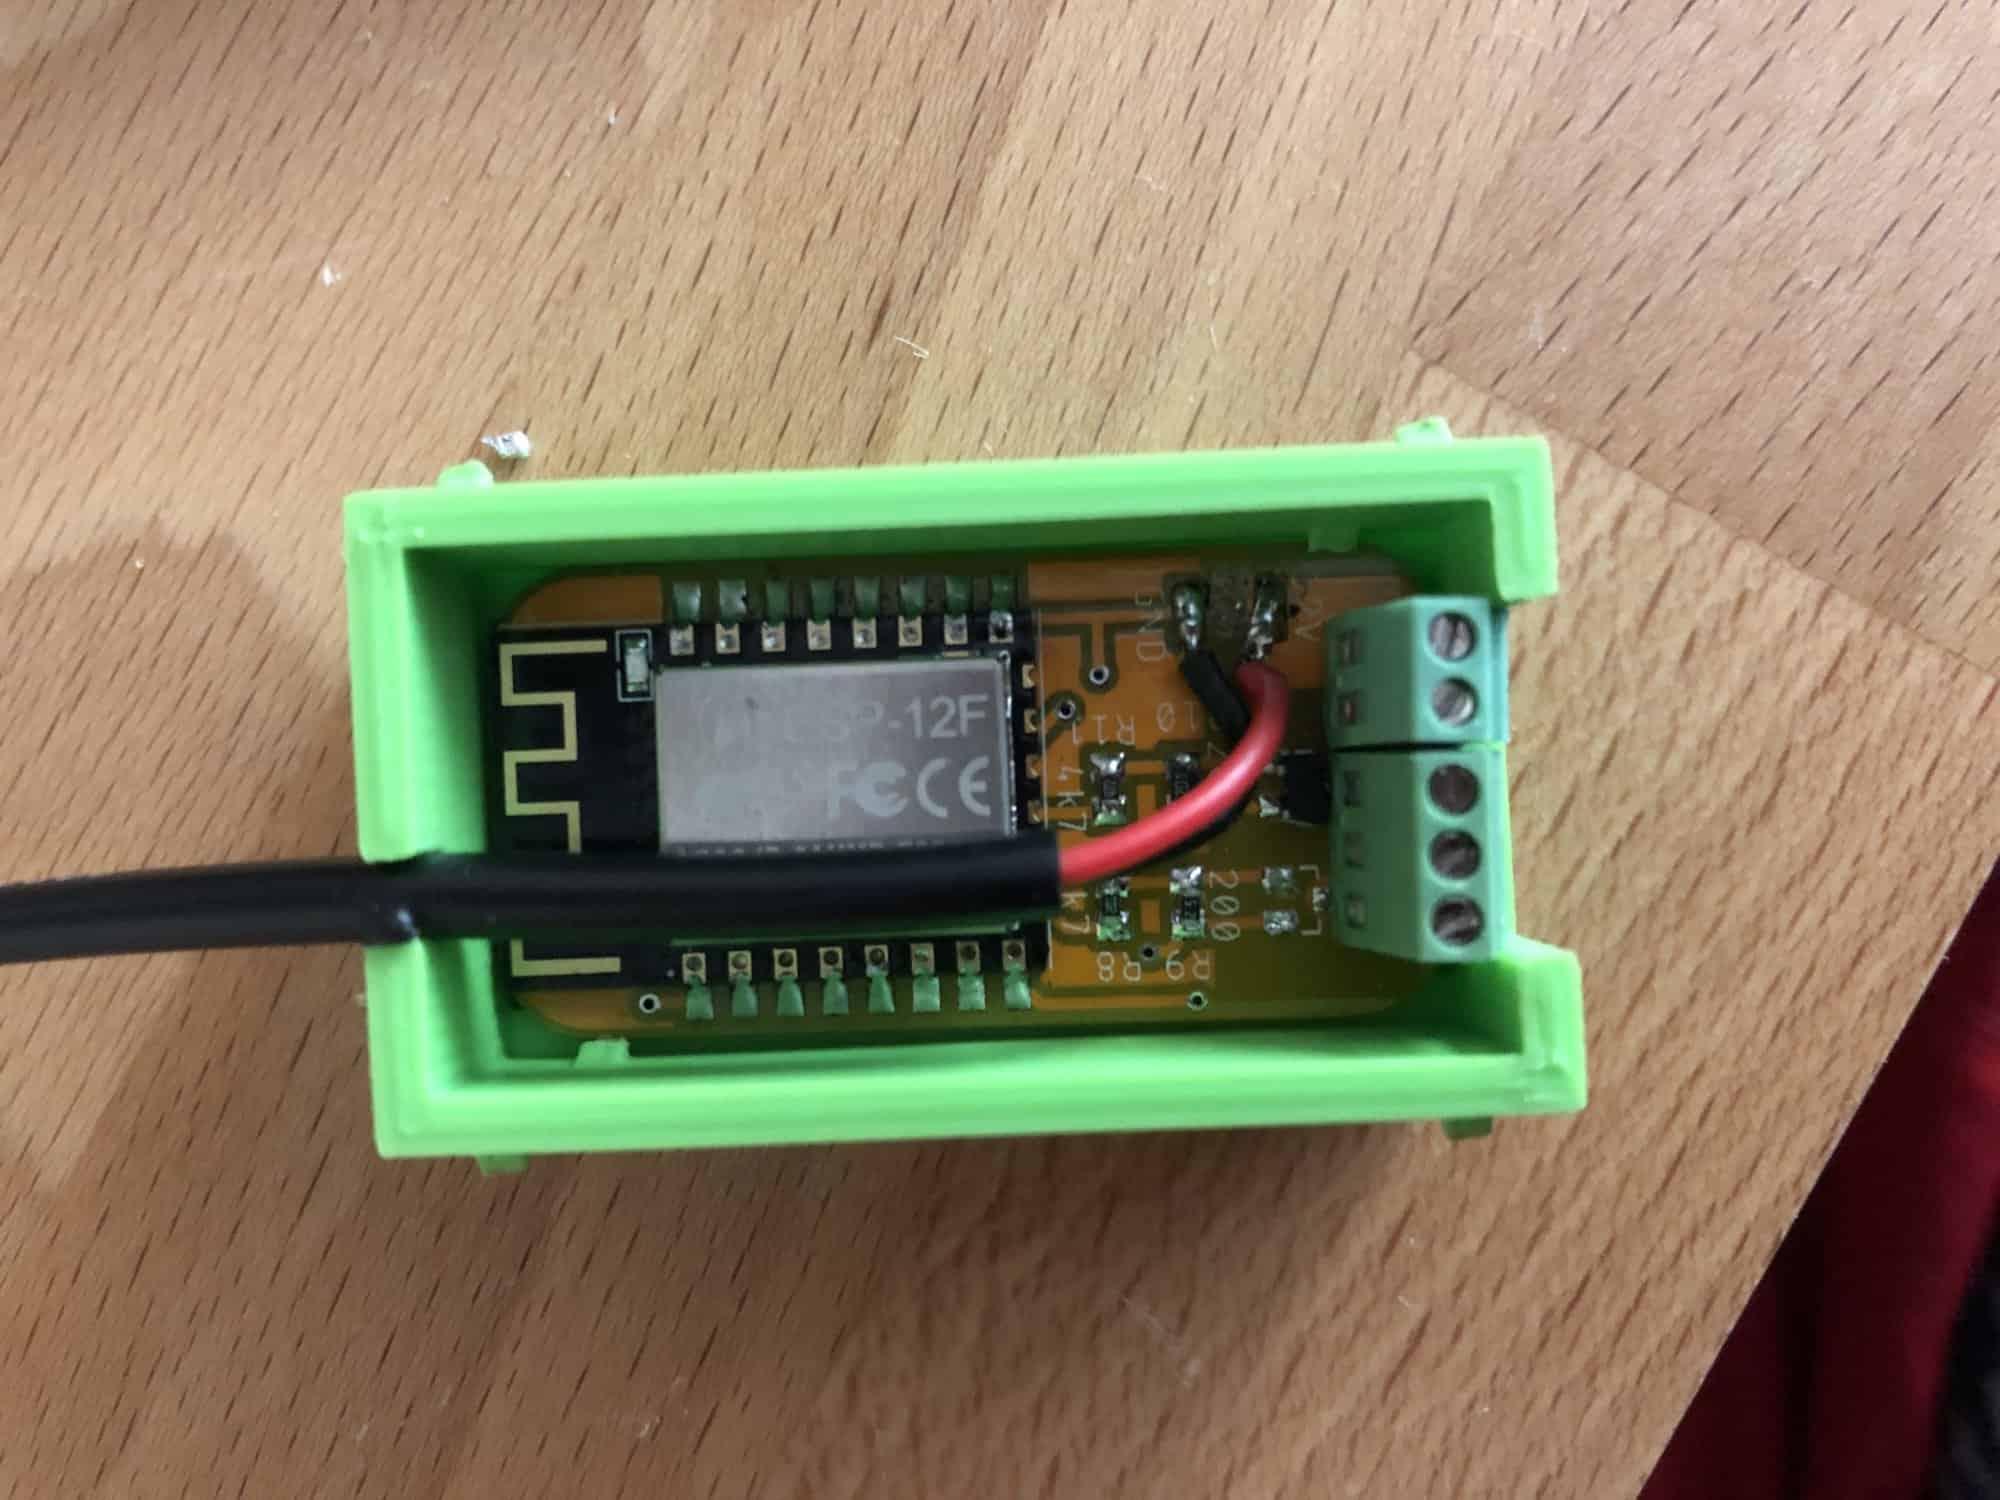 Sterownik led RGBW (lub osobno) zgodny z homebridge